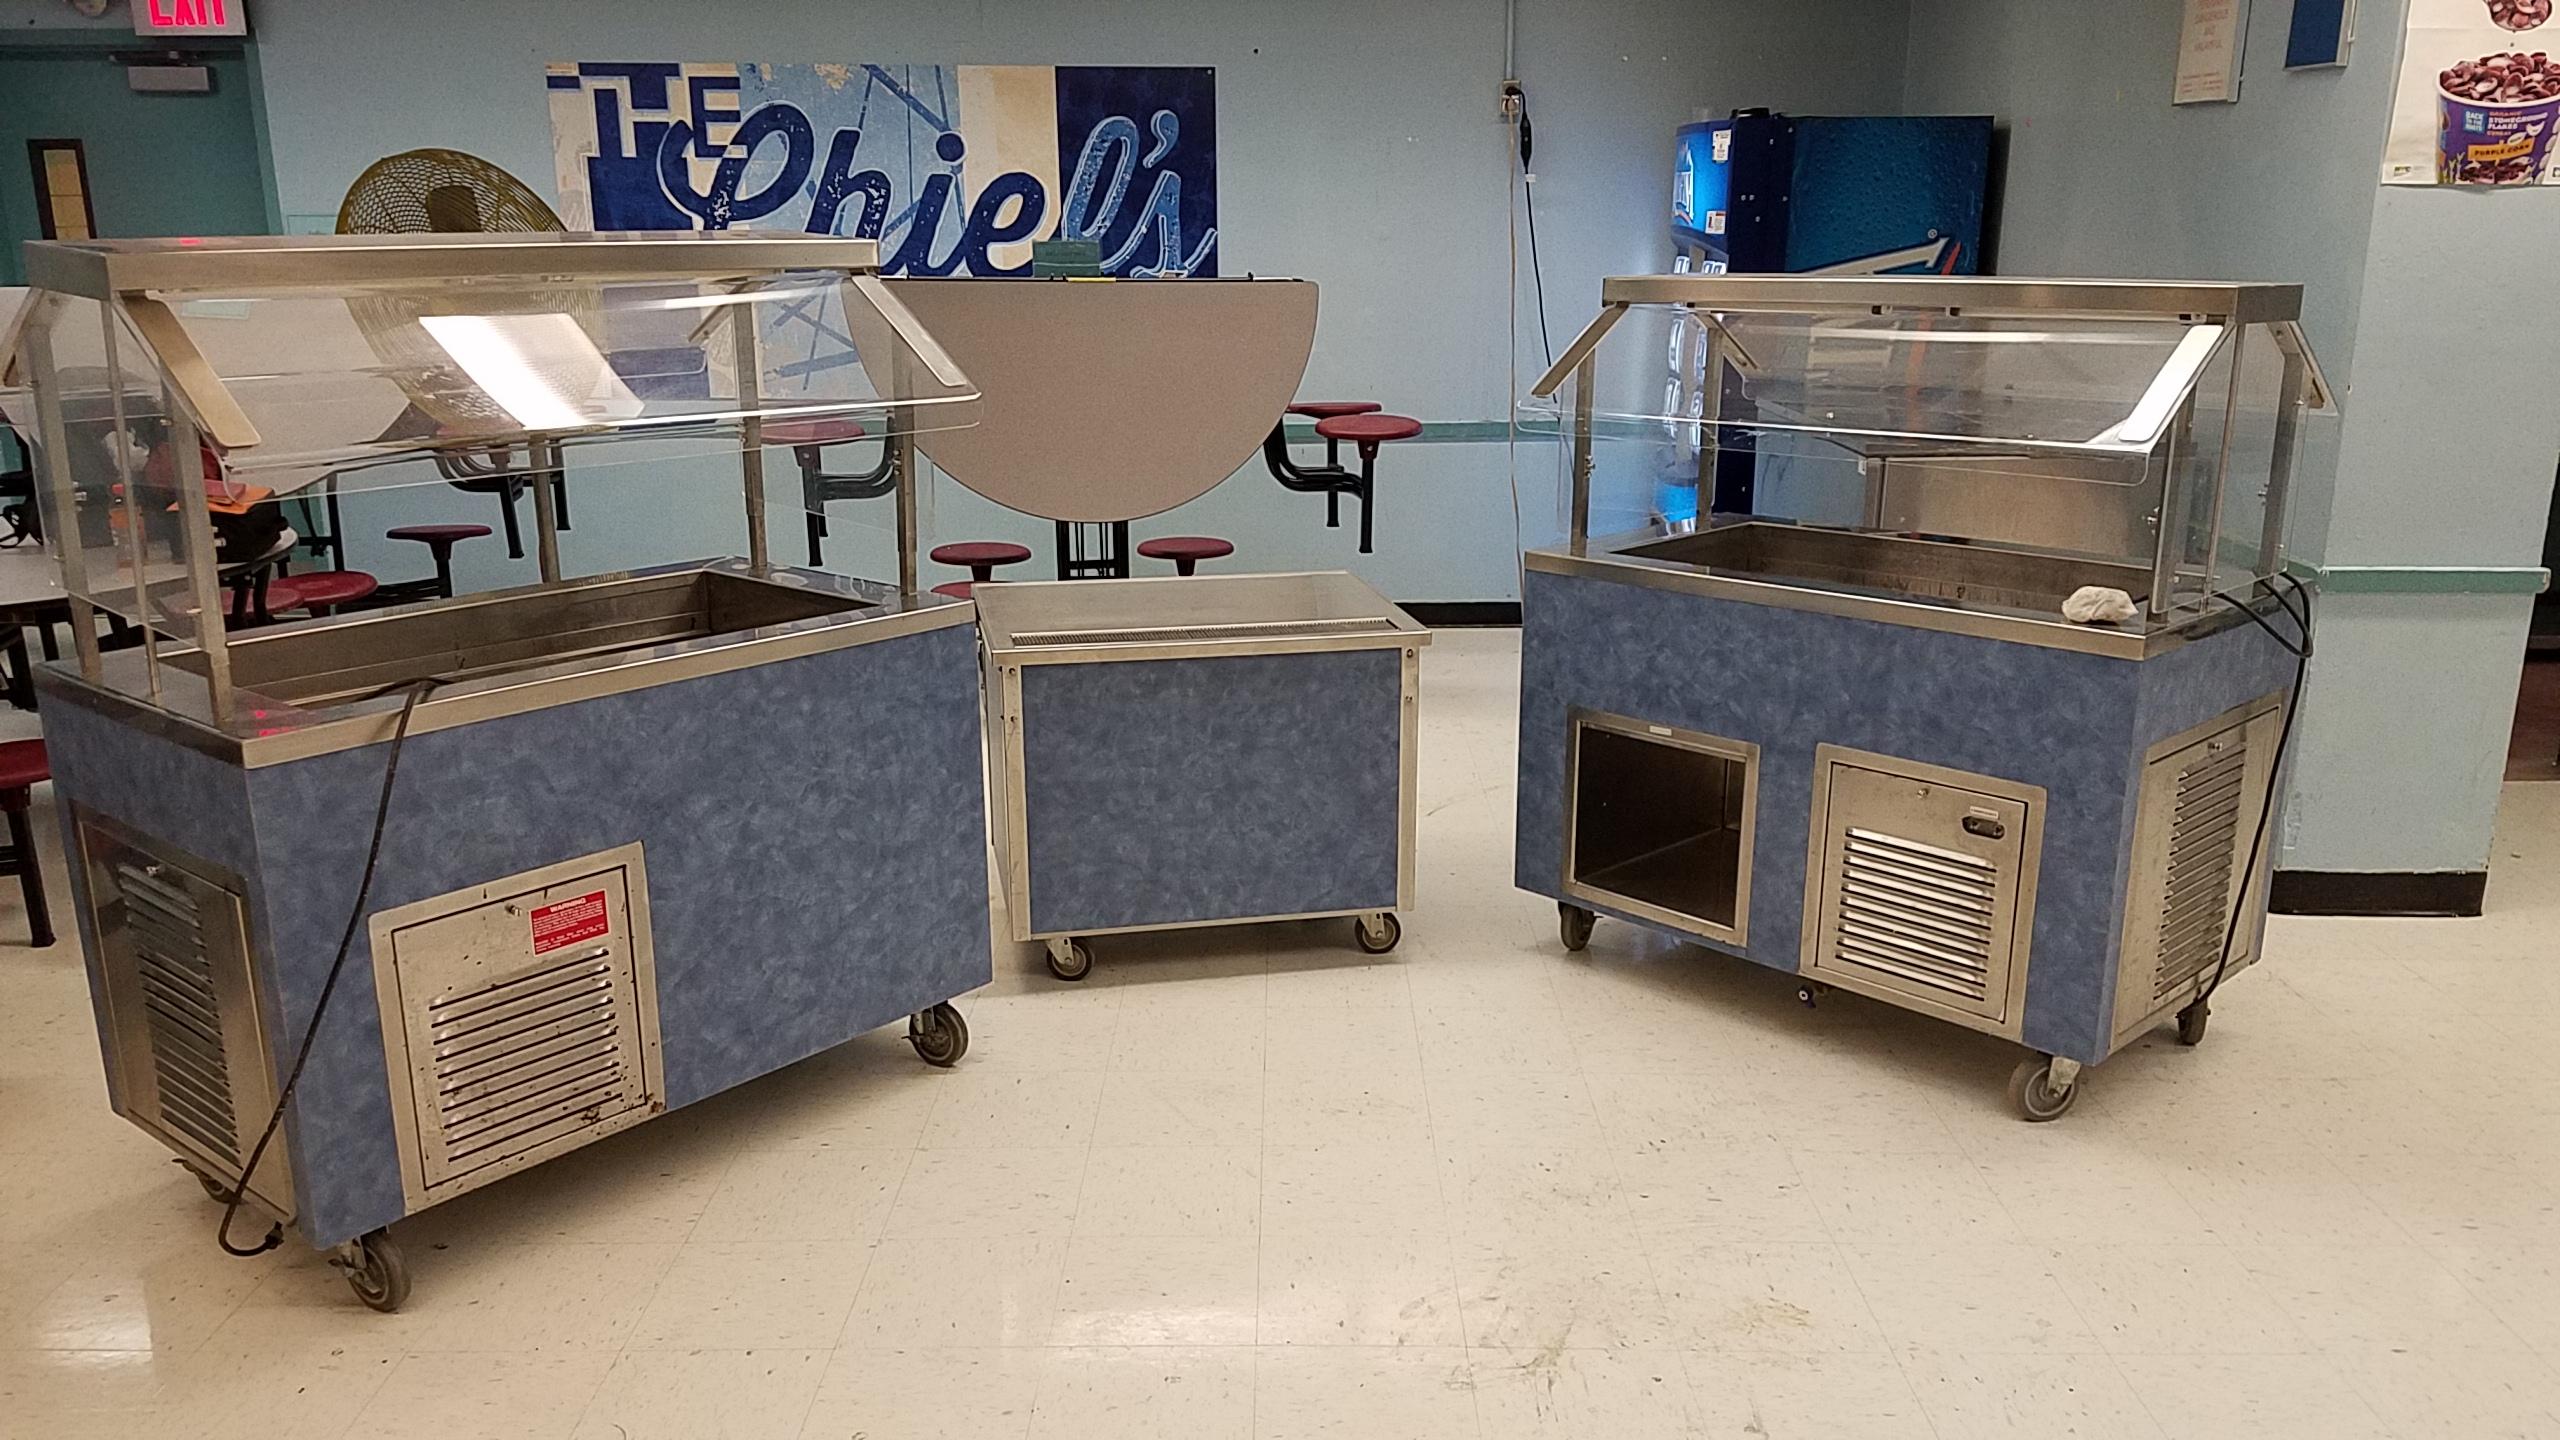 K500 Canarsie High School Cafeteria